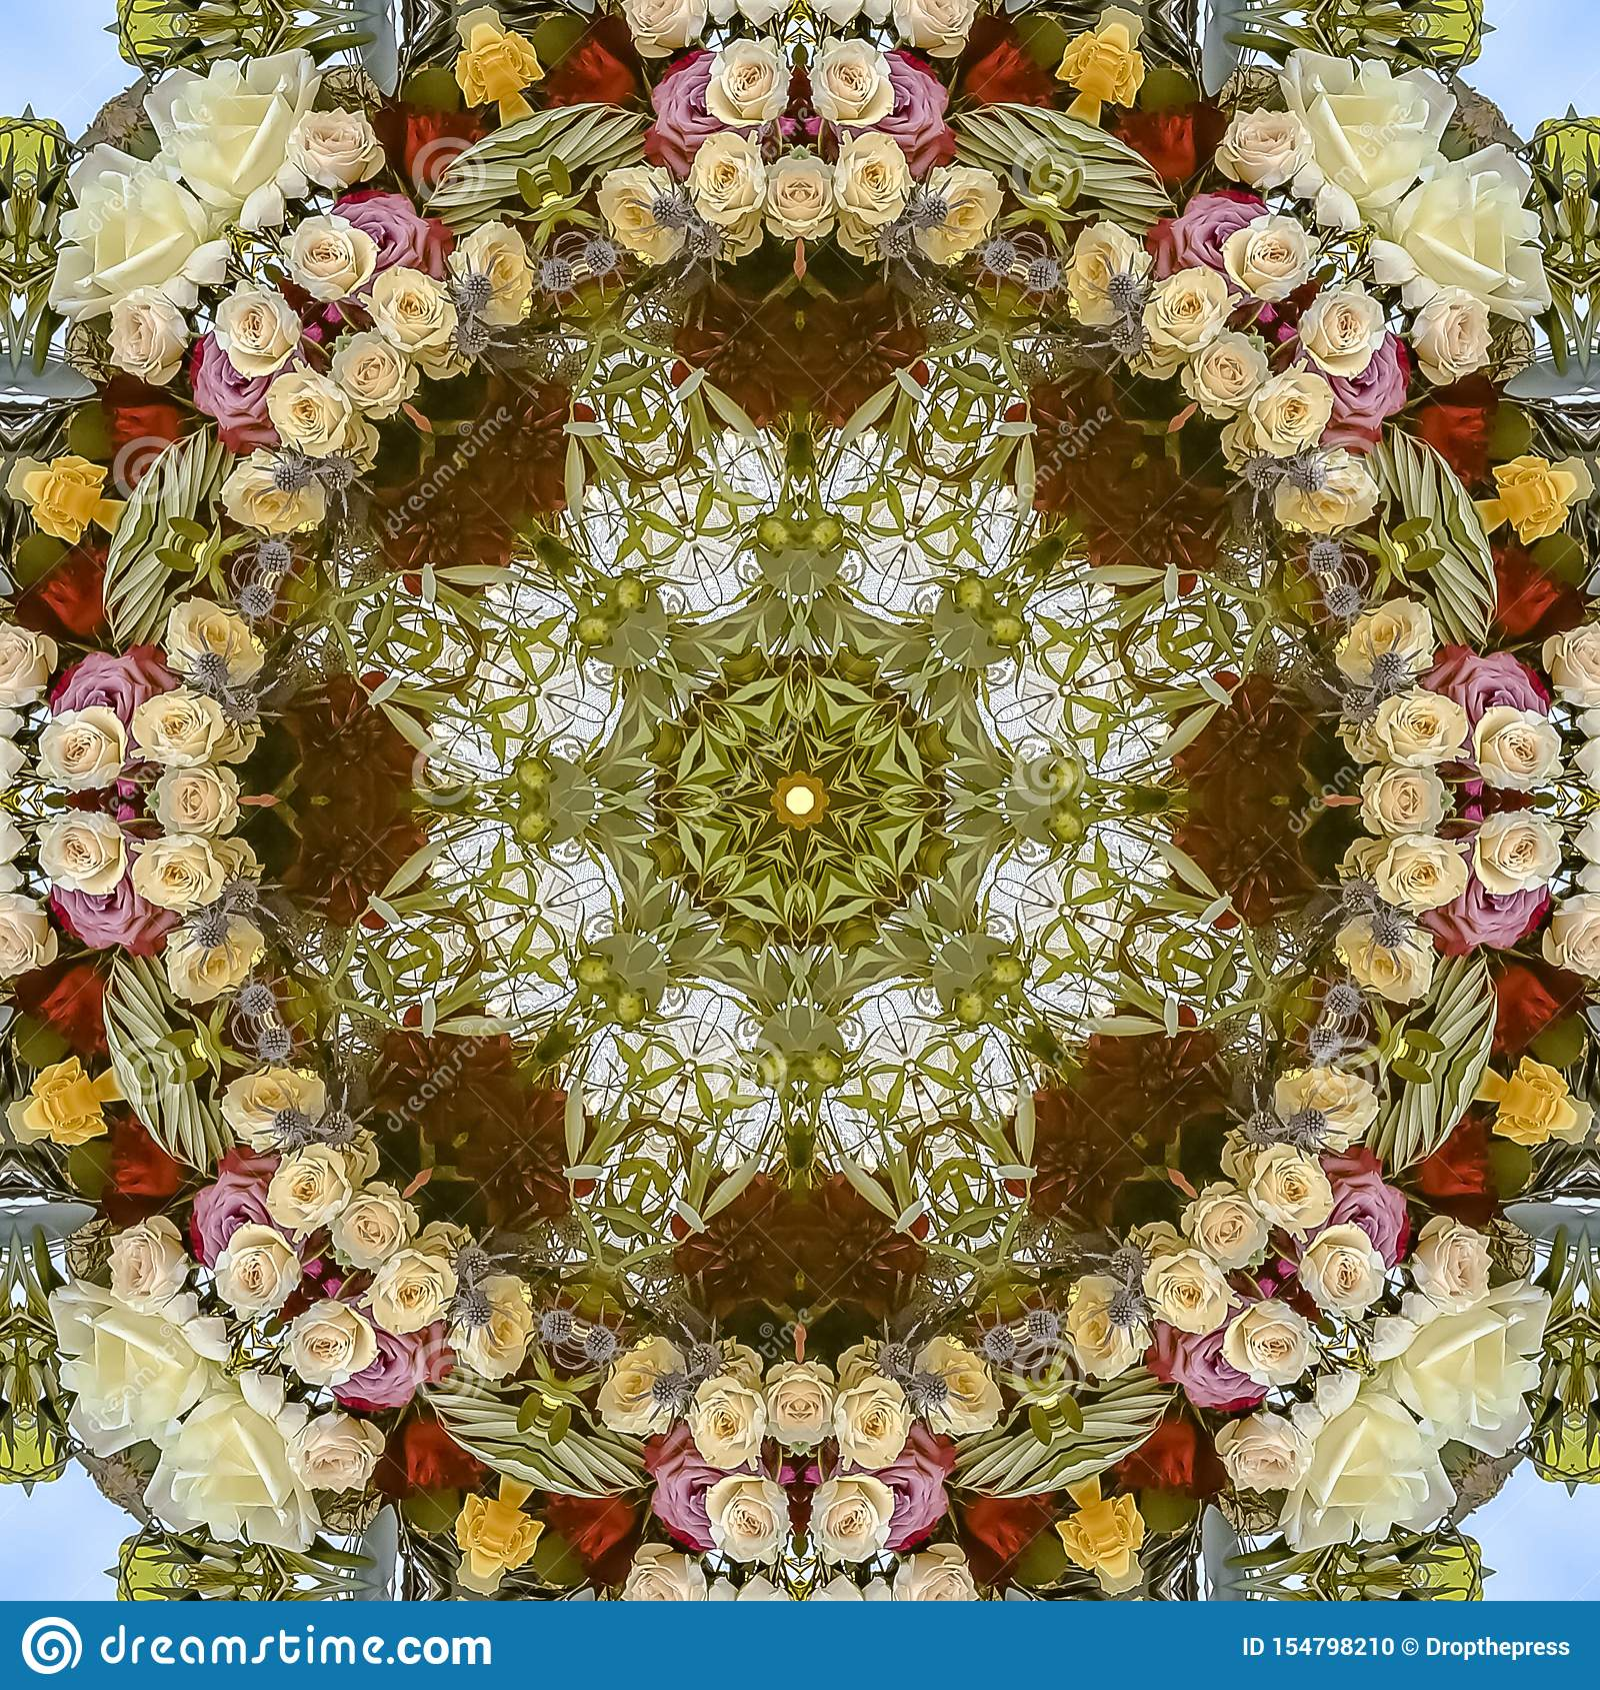 减弱的声音的方形降低了调子在圆安排的白色红色和黄色花在婚礼在加利福尼亚